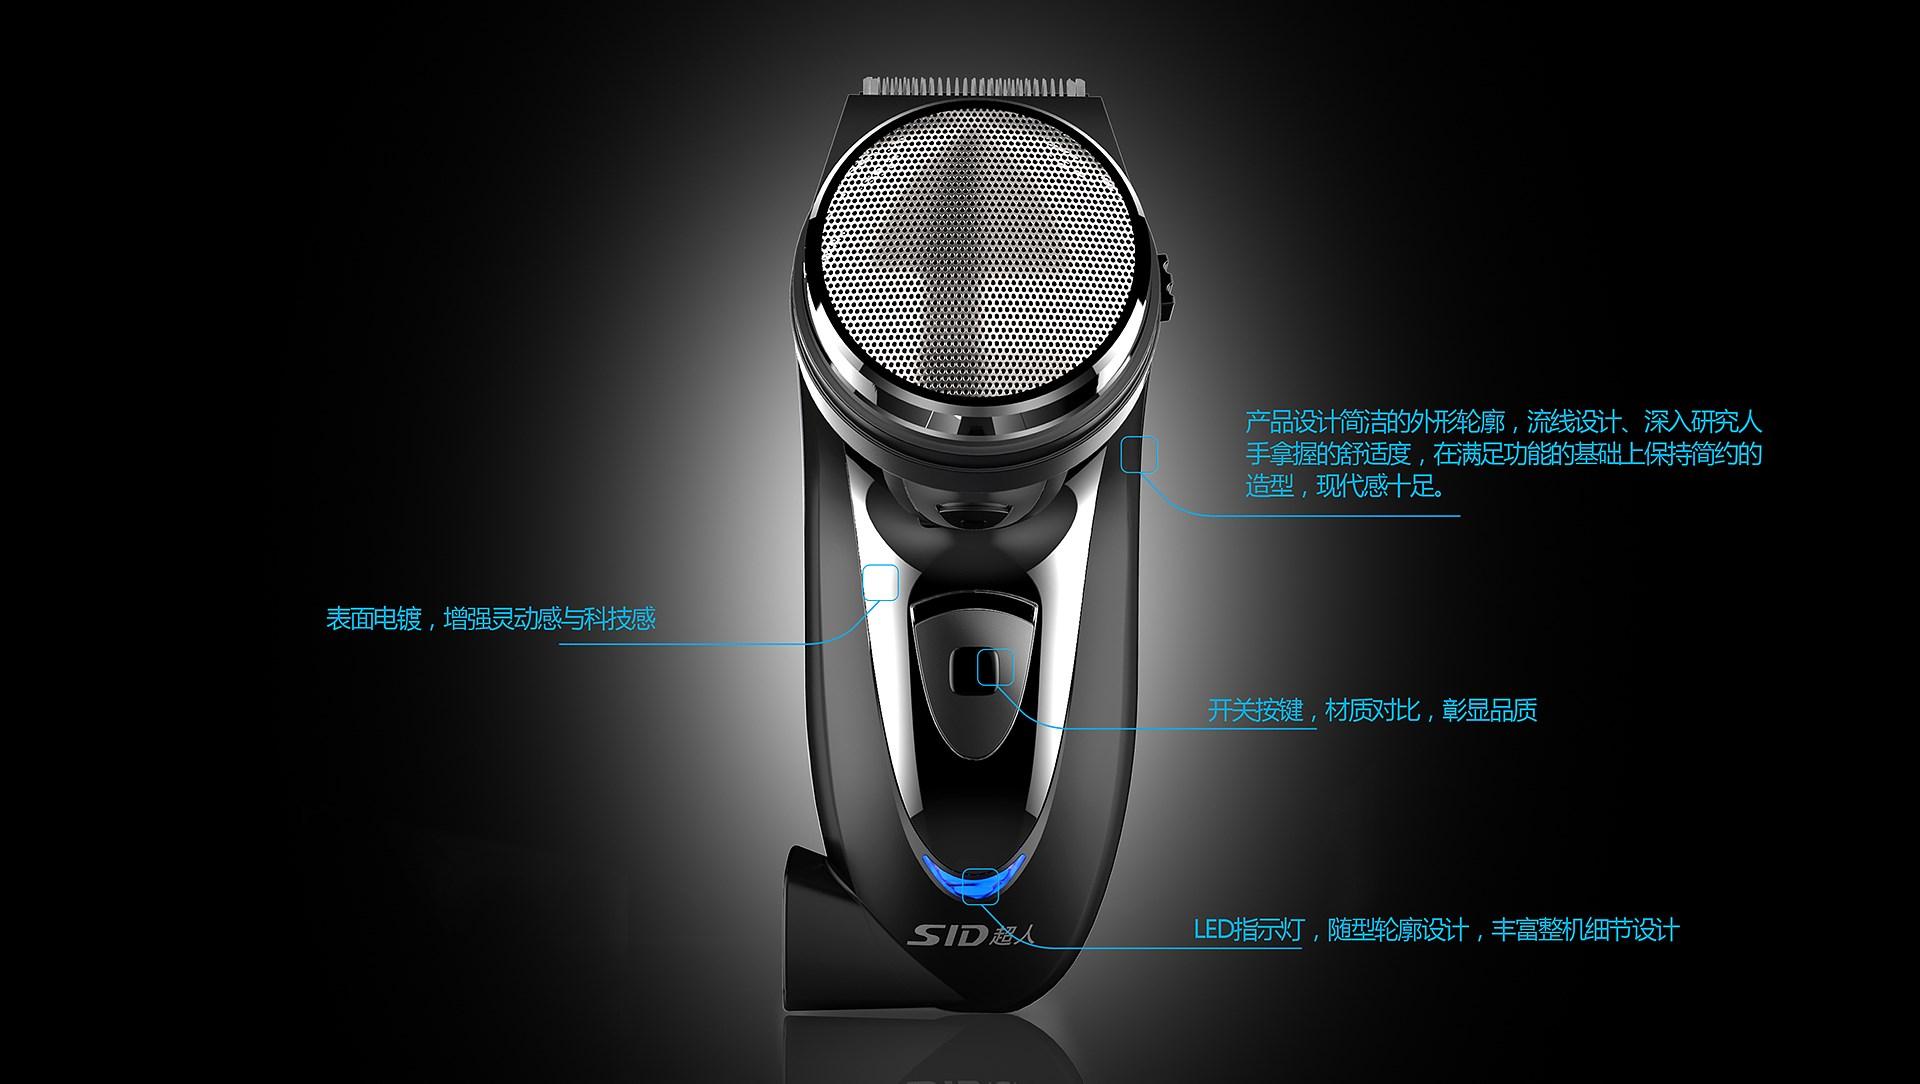 單頭剃須刀工業設計1.jpg